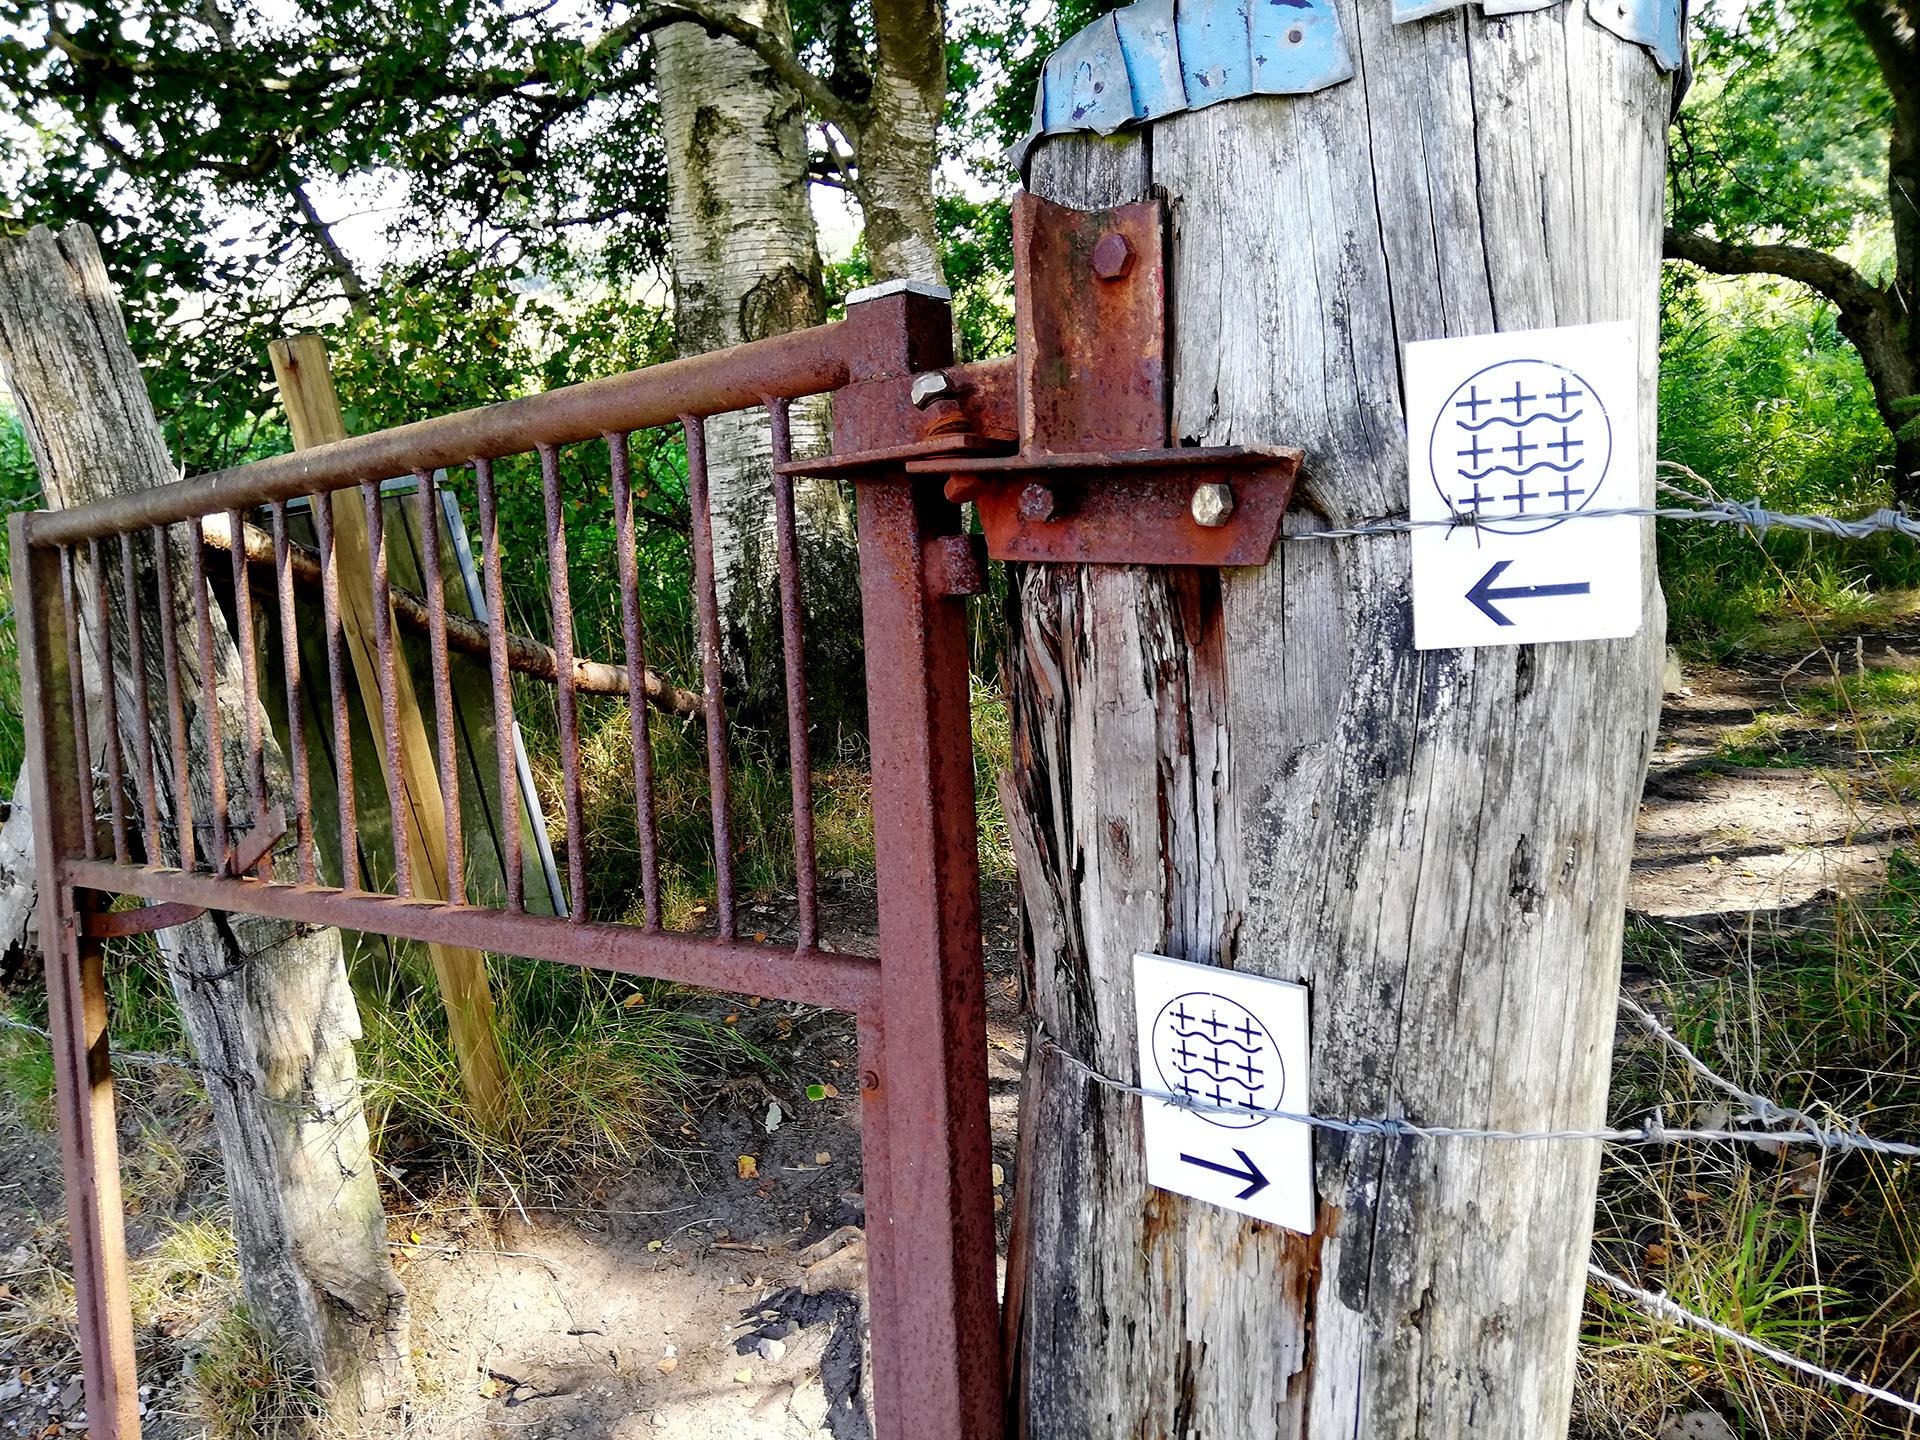 Skilte og låge på Caminoturen ved Starup Hede